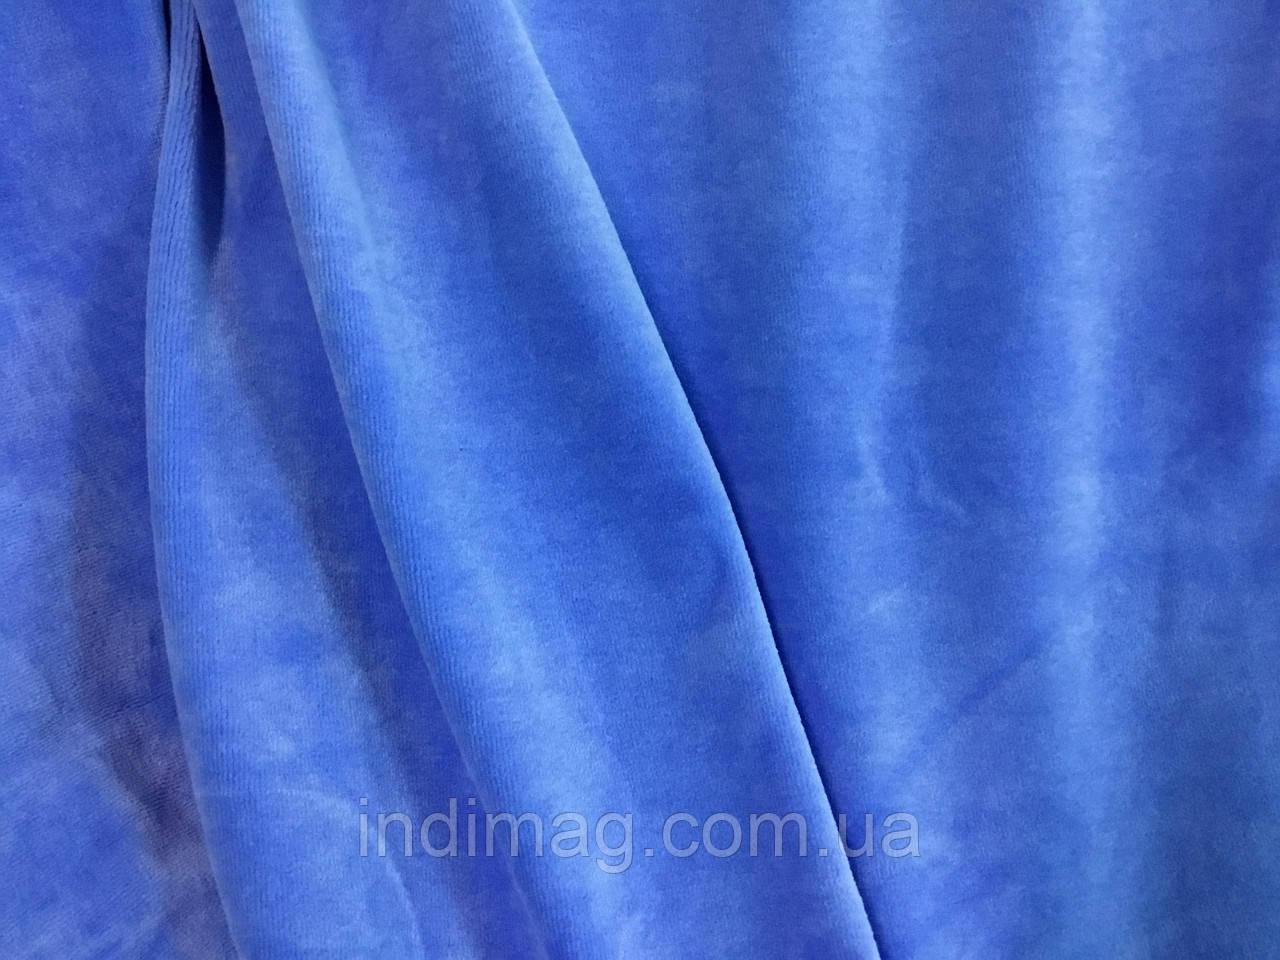 Велюр хлопковый голубой ринг 10 метров